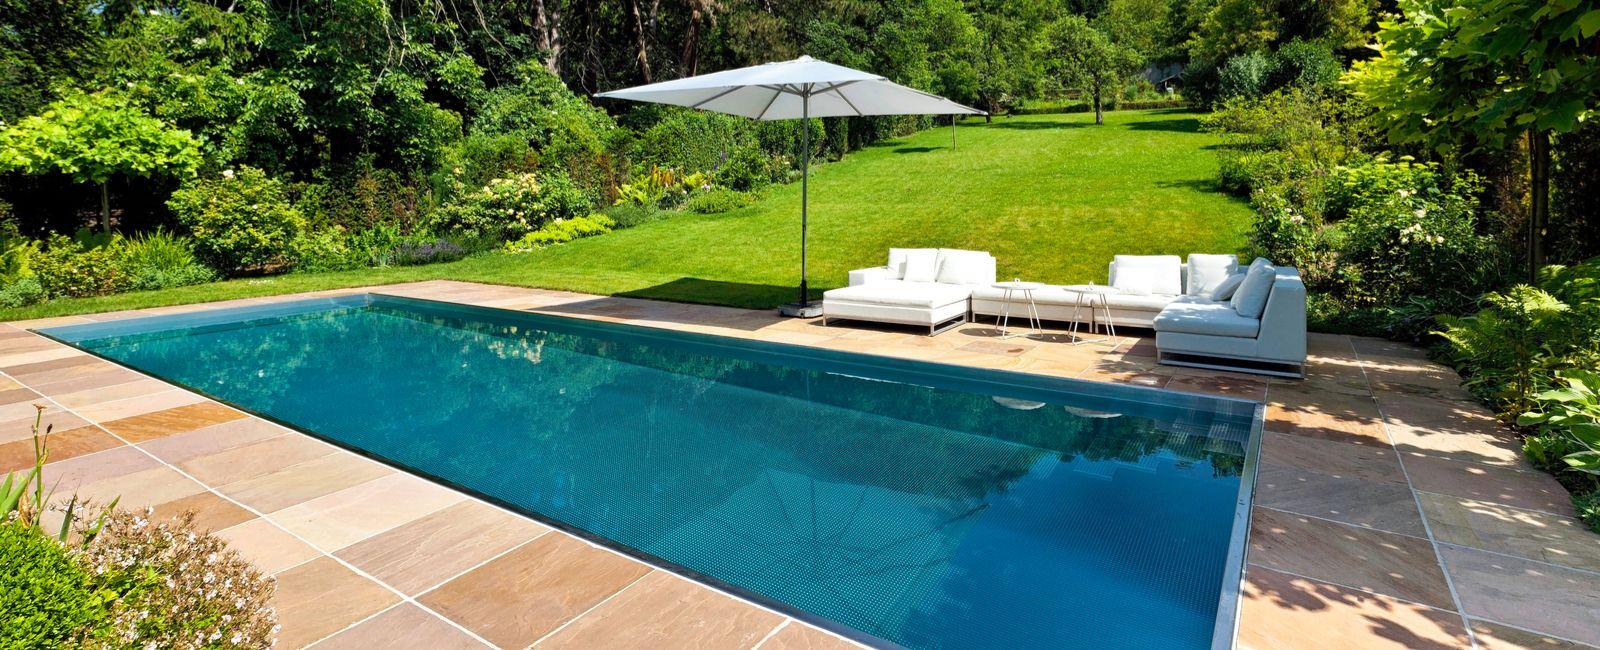 Quel revêtement choisir pour une terrasse de piscine ?